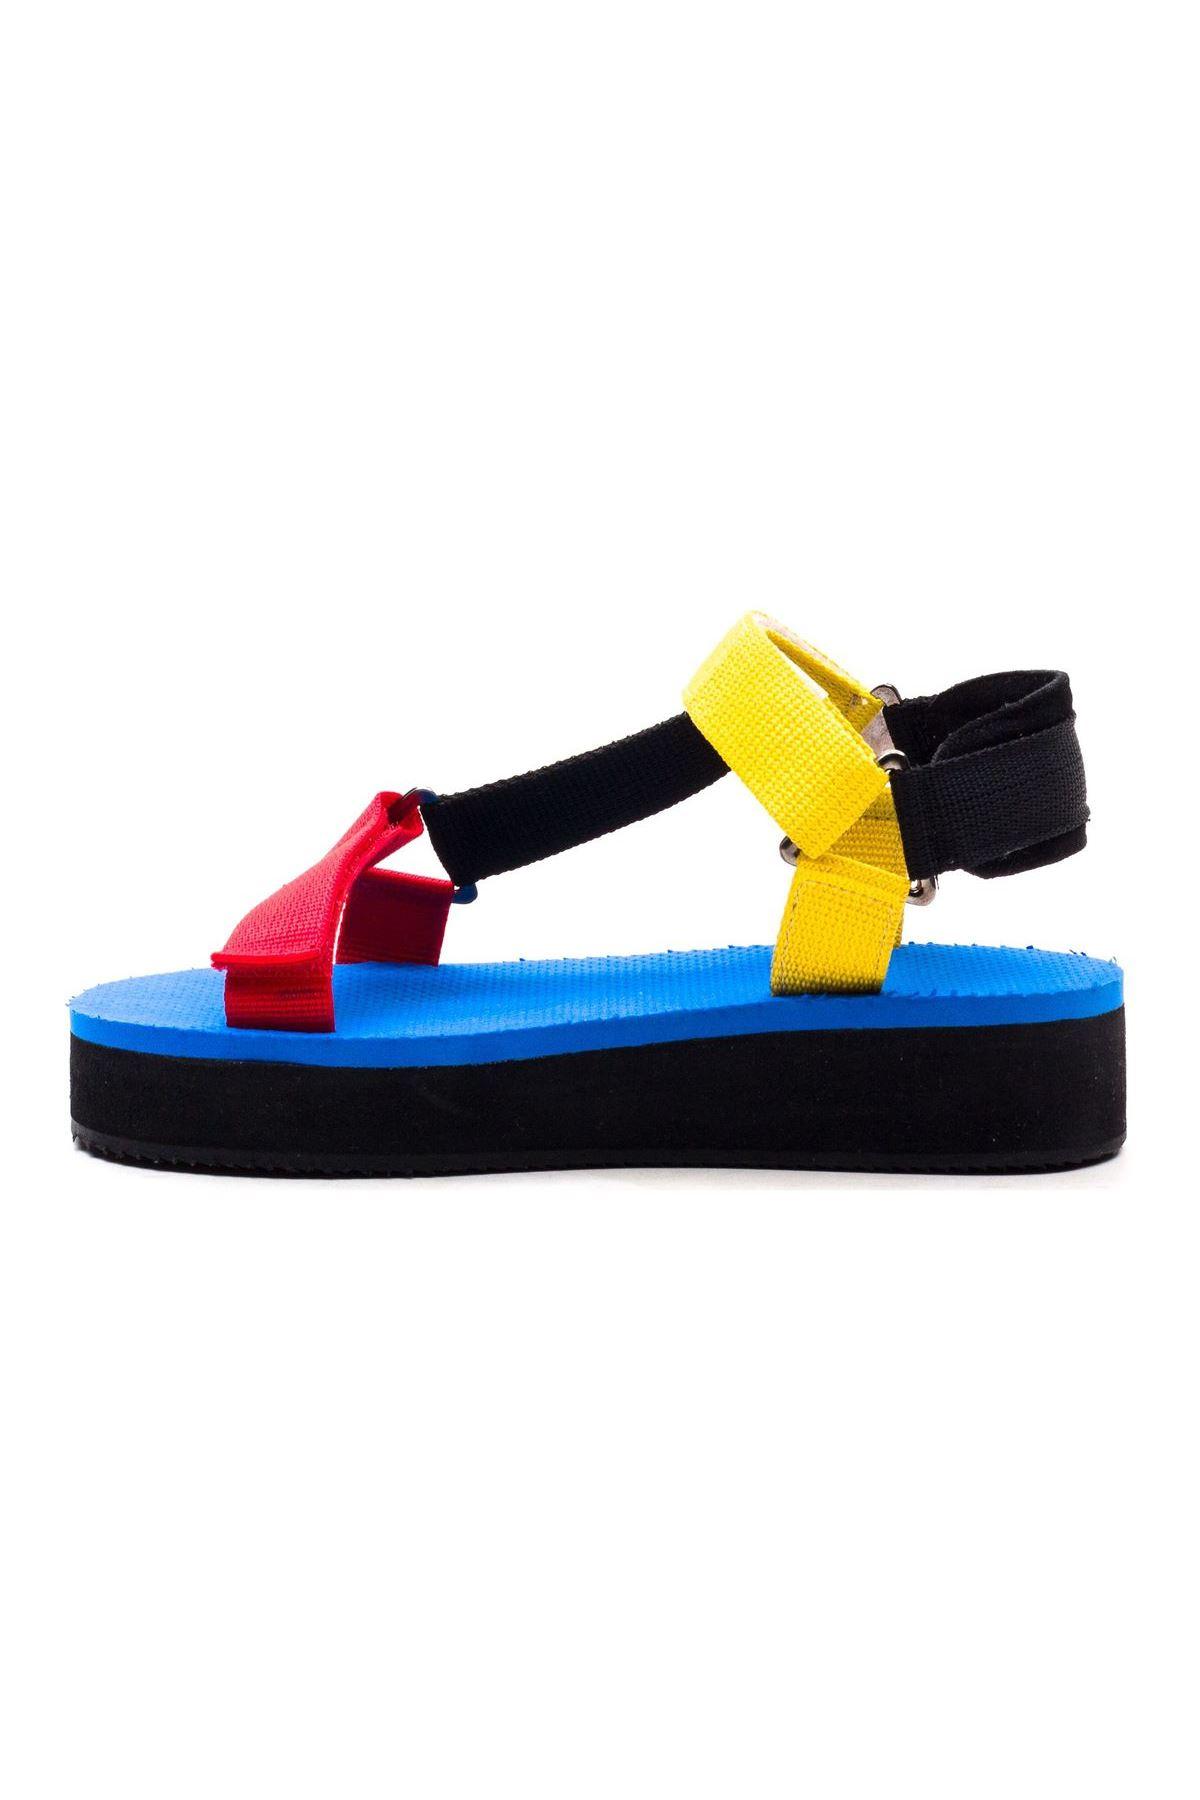 Carolina Kadın Sandalet Siyah Sarı Kırmızı